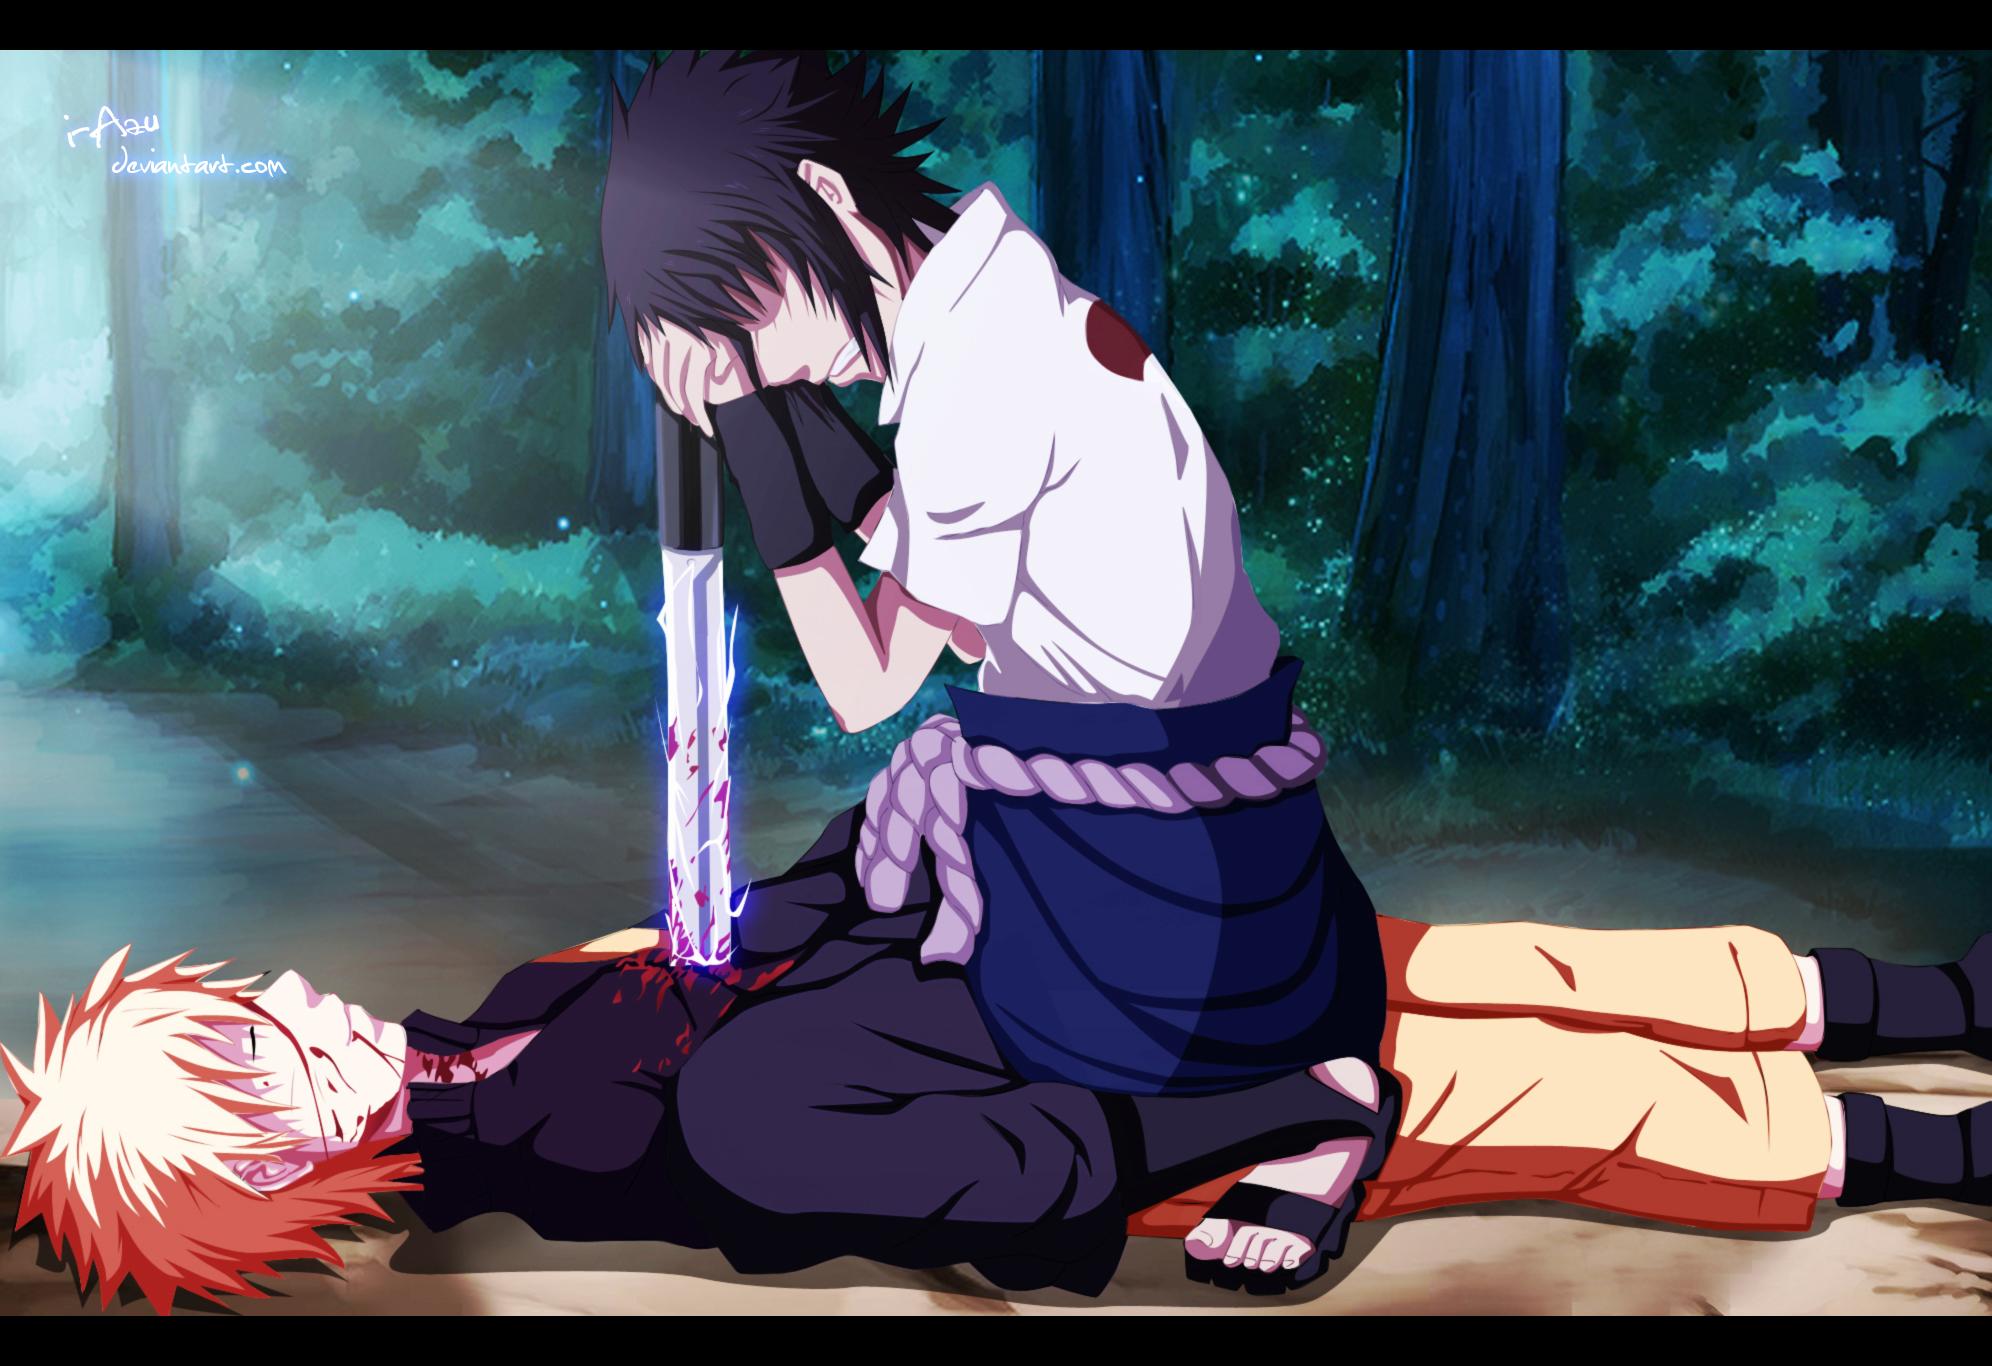 The end of naruto naruto uzumaki vs sasuke uchiha - Sasuke naruto ...